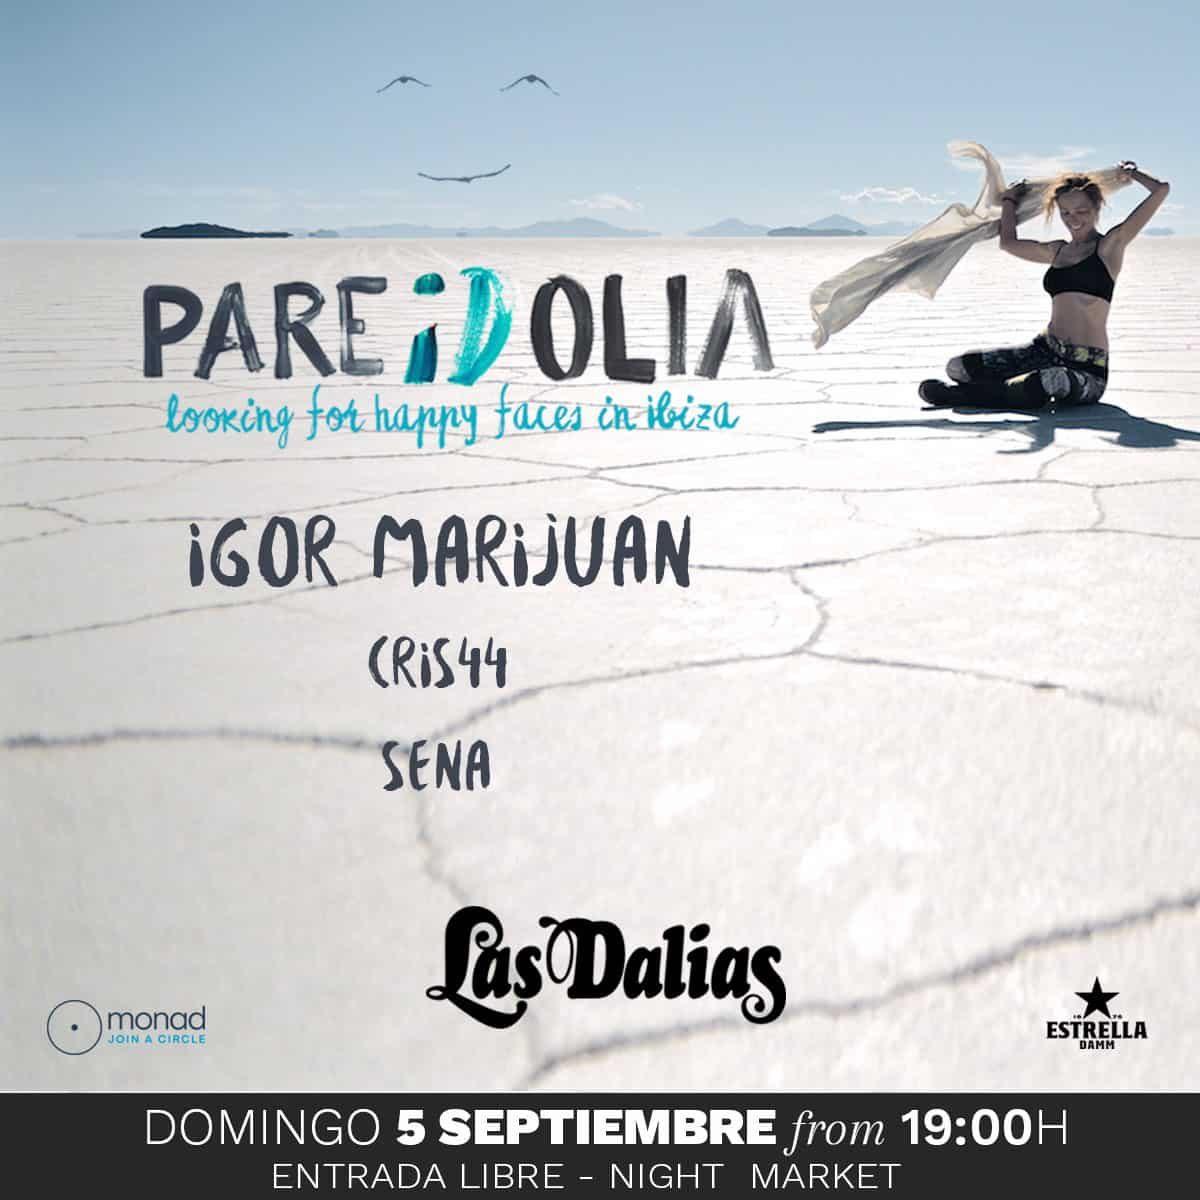 pareidolia-las-dalias-ibiza-2021-welcometoibiza